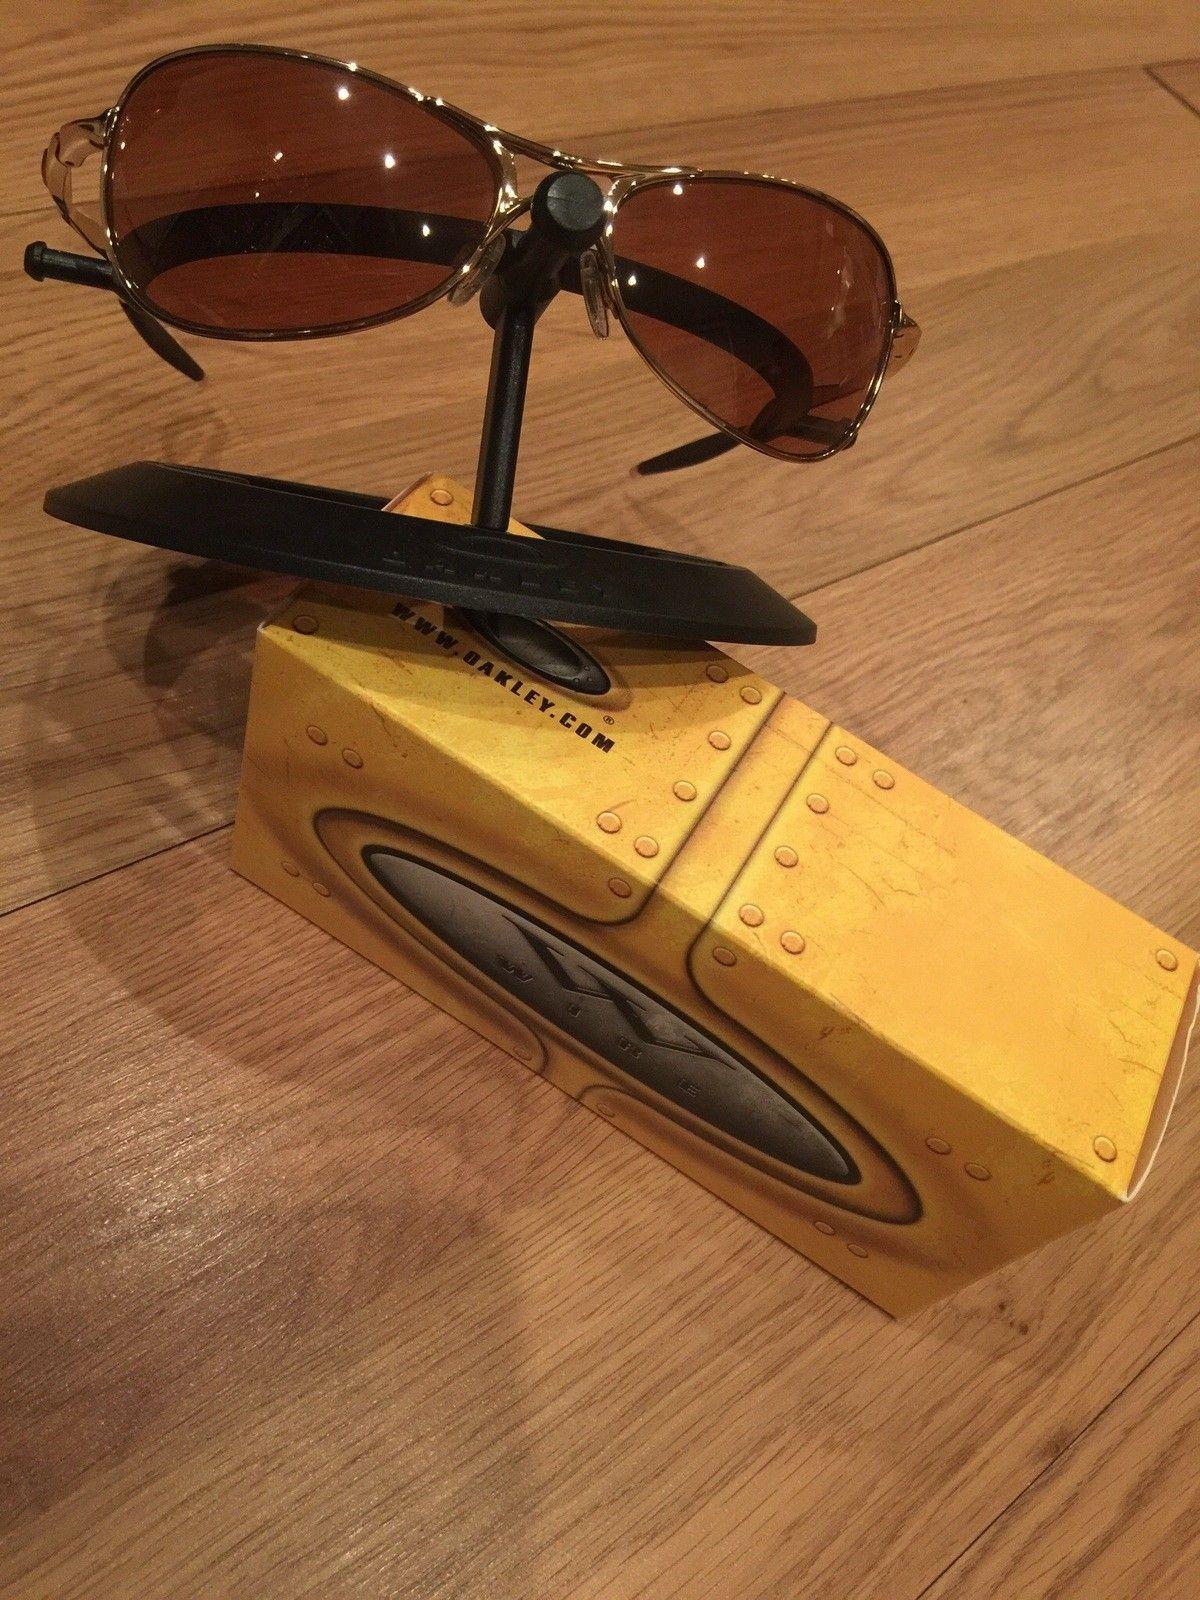 BNIB Crosshair S  $80 shipped - image.jpg